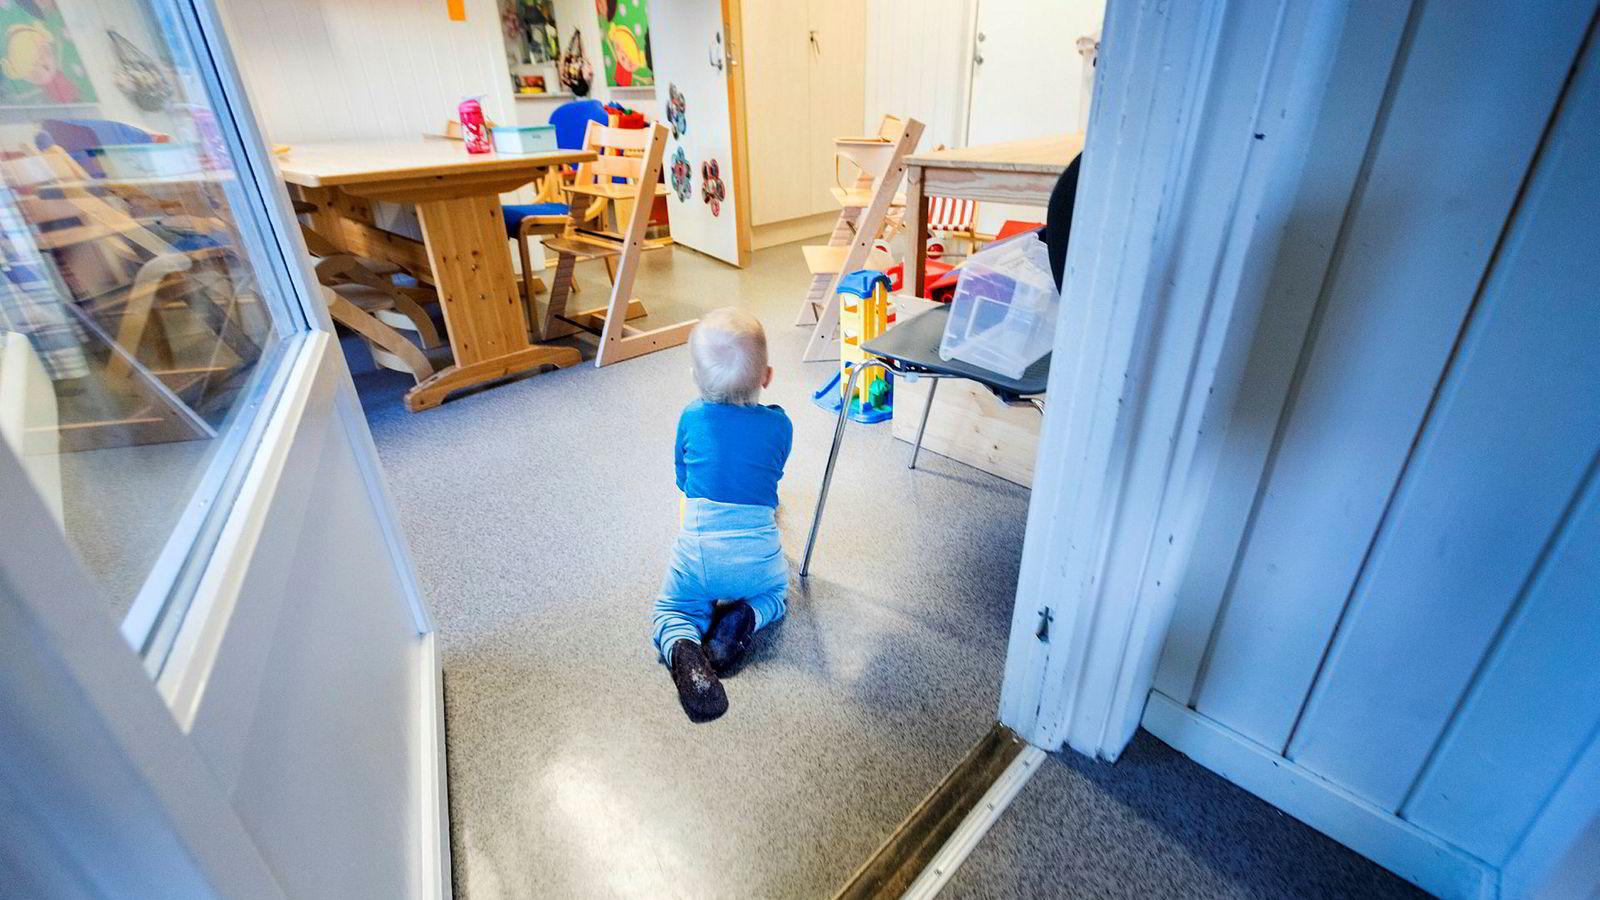 Det er lite trolig at det nye statlige tilsynskontoret i Molde kan kontrollere regnskapene i over 3000 barnehager, skriver forfatteren av innlegget.